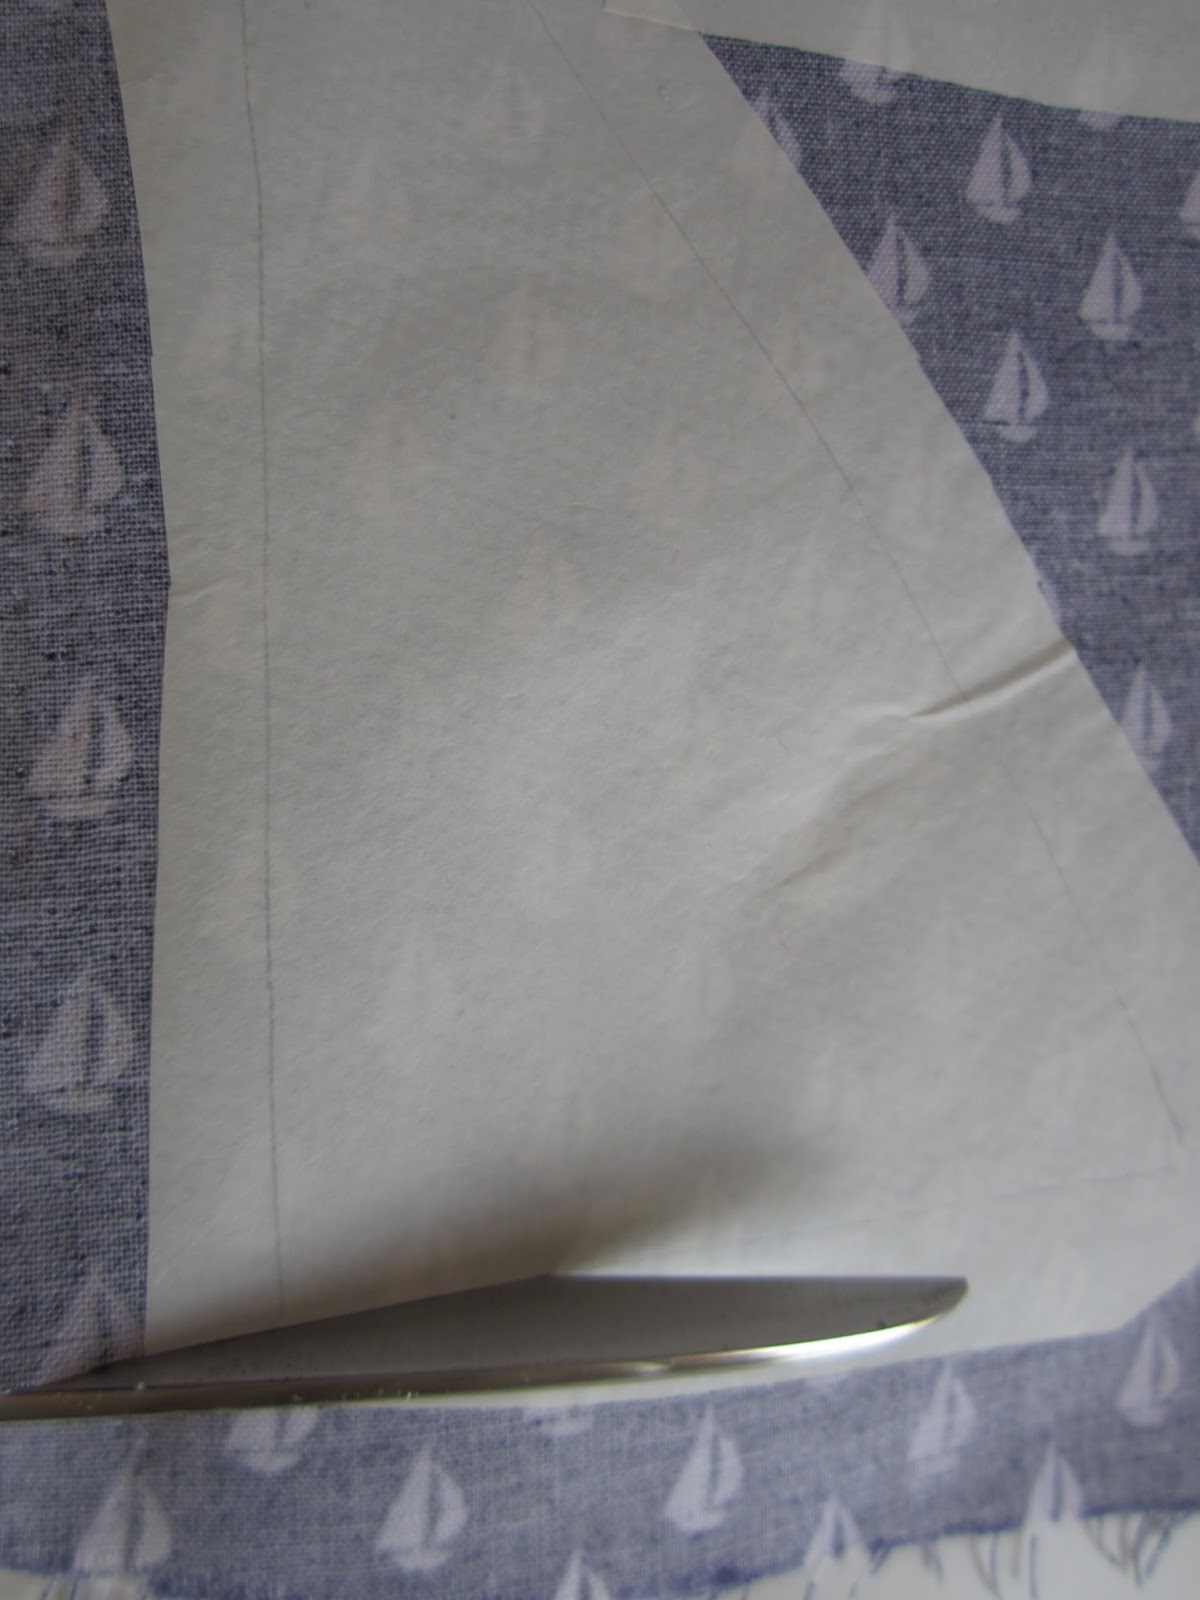 mis nancys, mis peques y yo, tutorial aplique camiseta velas tela cortar